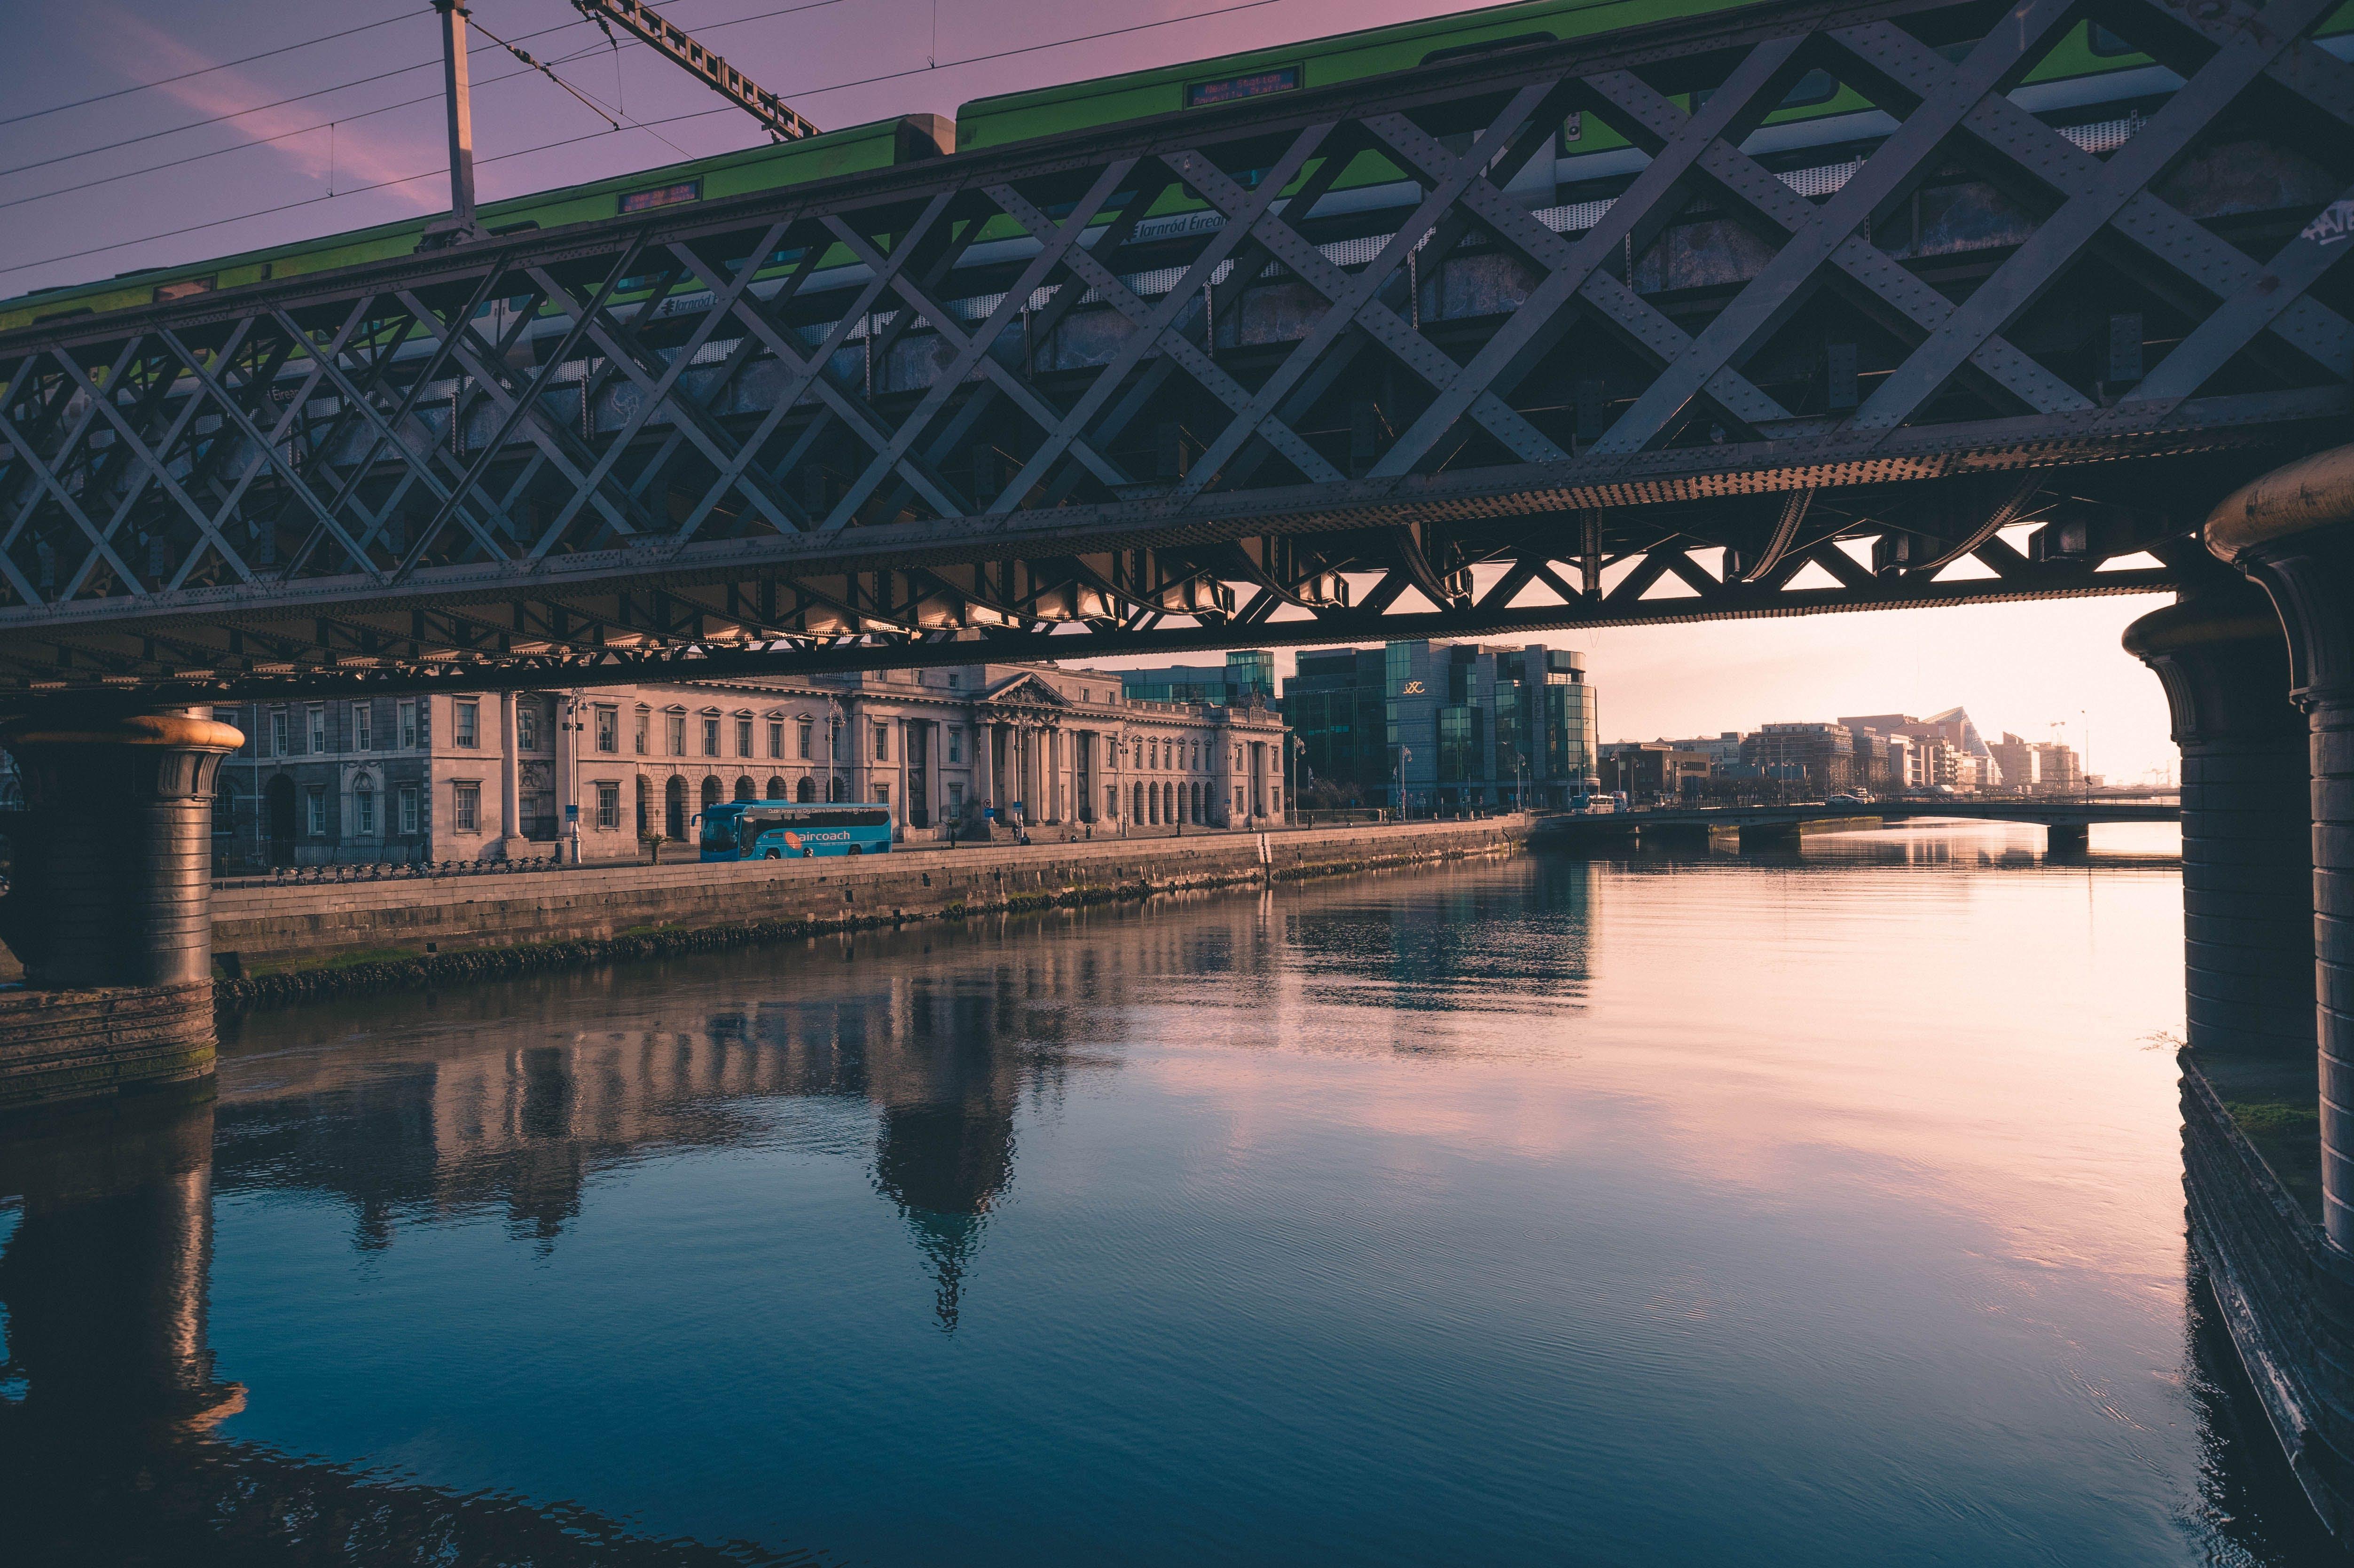 Gray Metal Bridge Near Brown Concrete Building